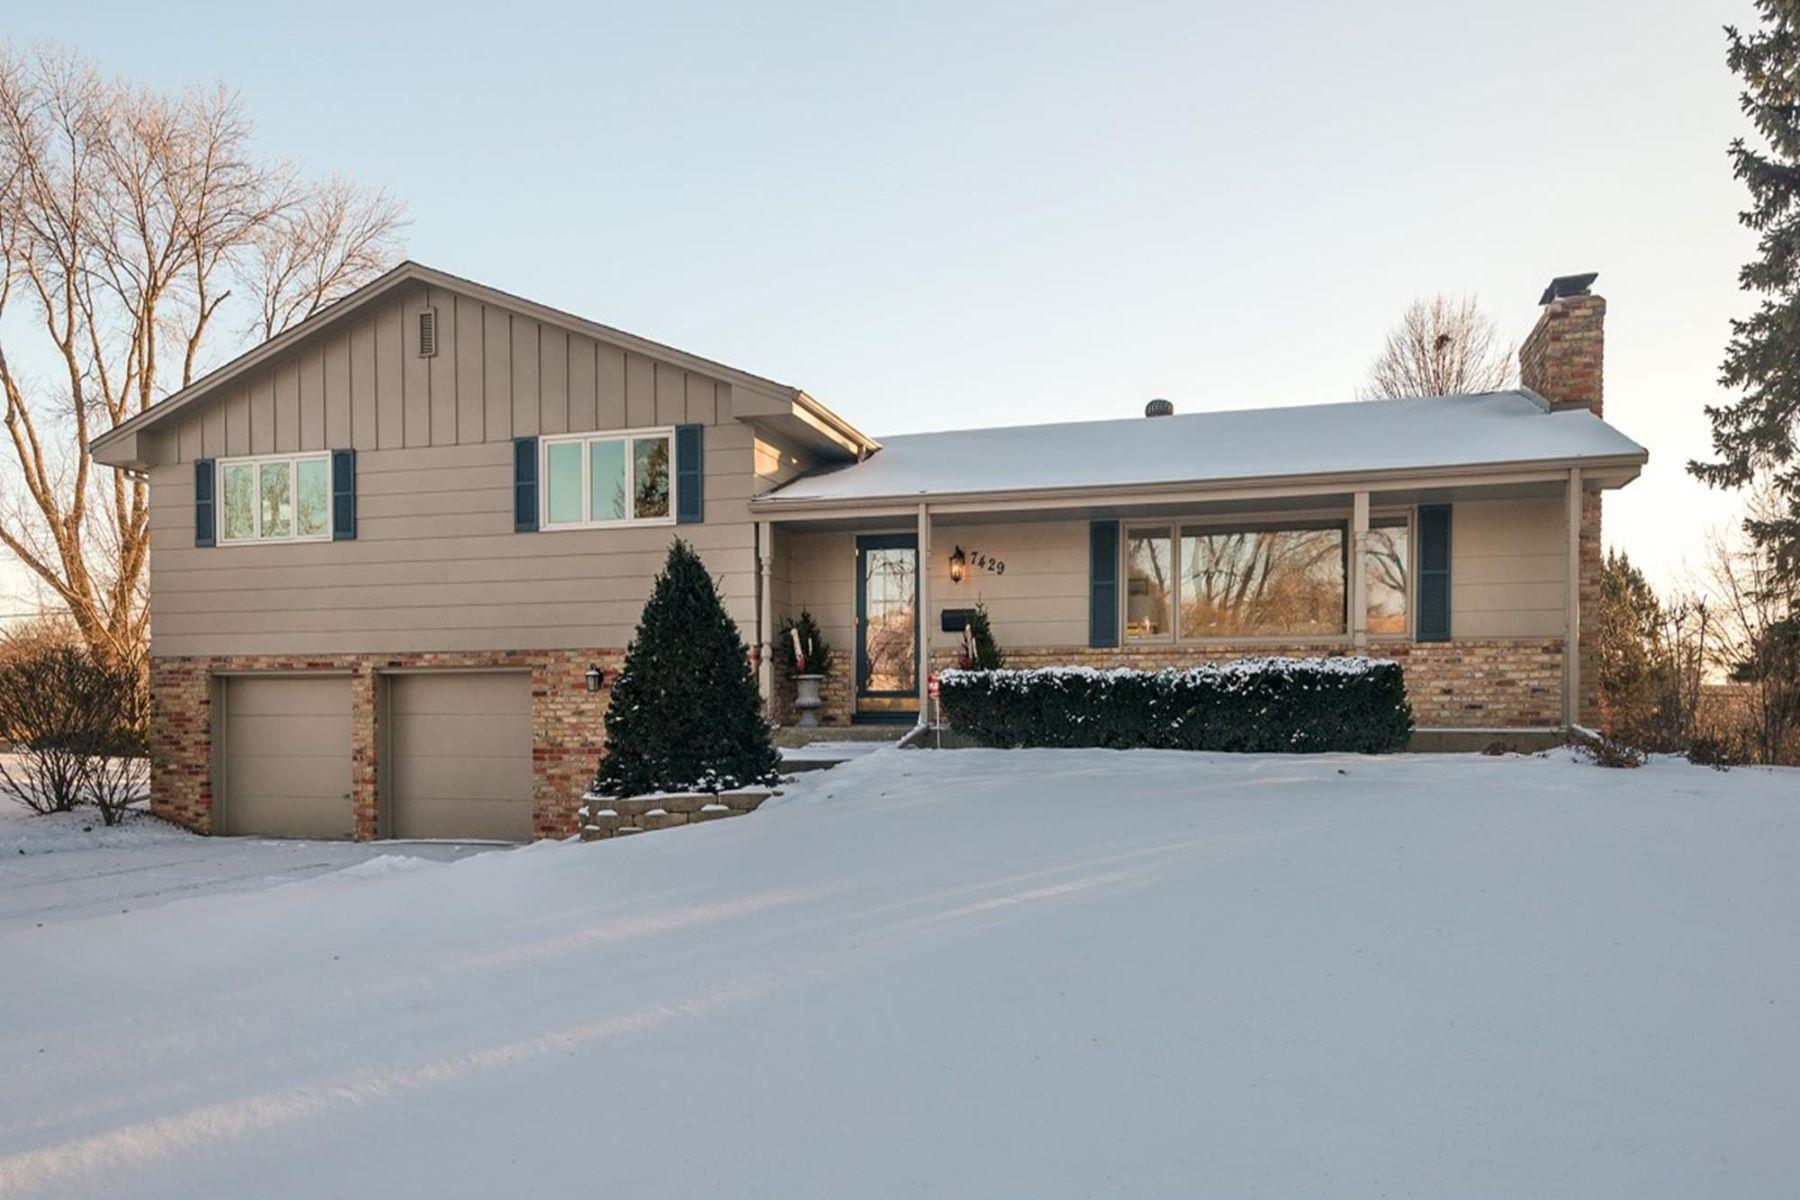 独户住宅 为 销售 在 7429 West Shore Drive, Edina 伊代纳, 明尼苏达州, 55435 美国